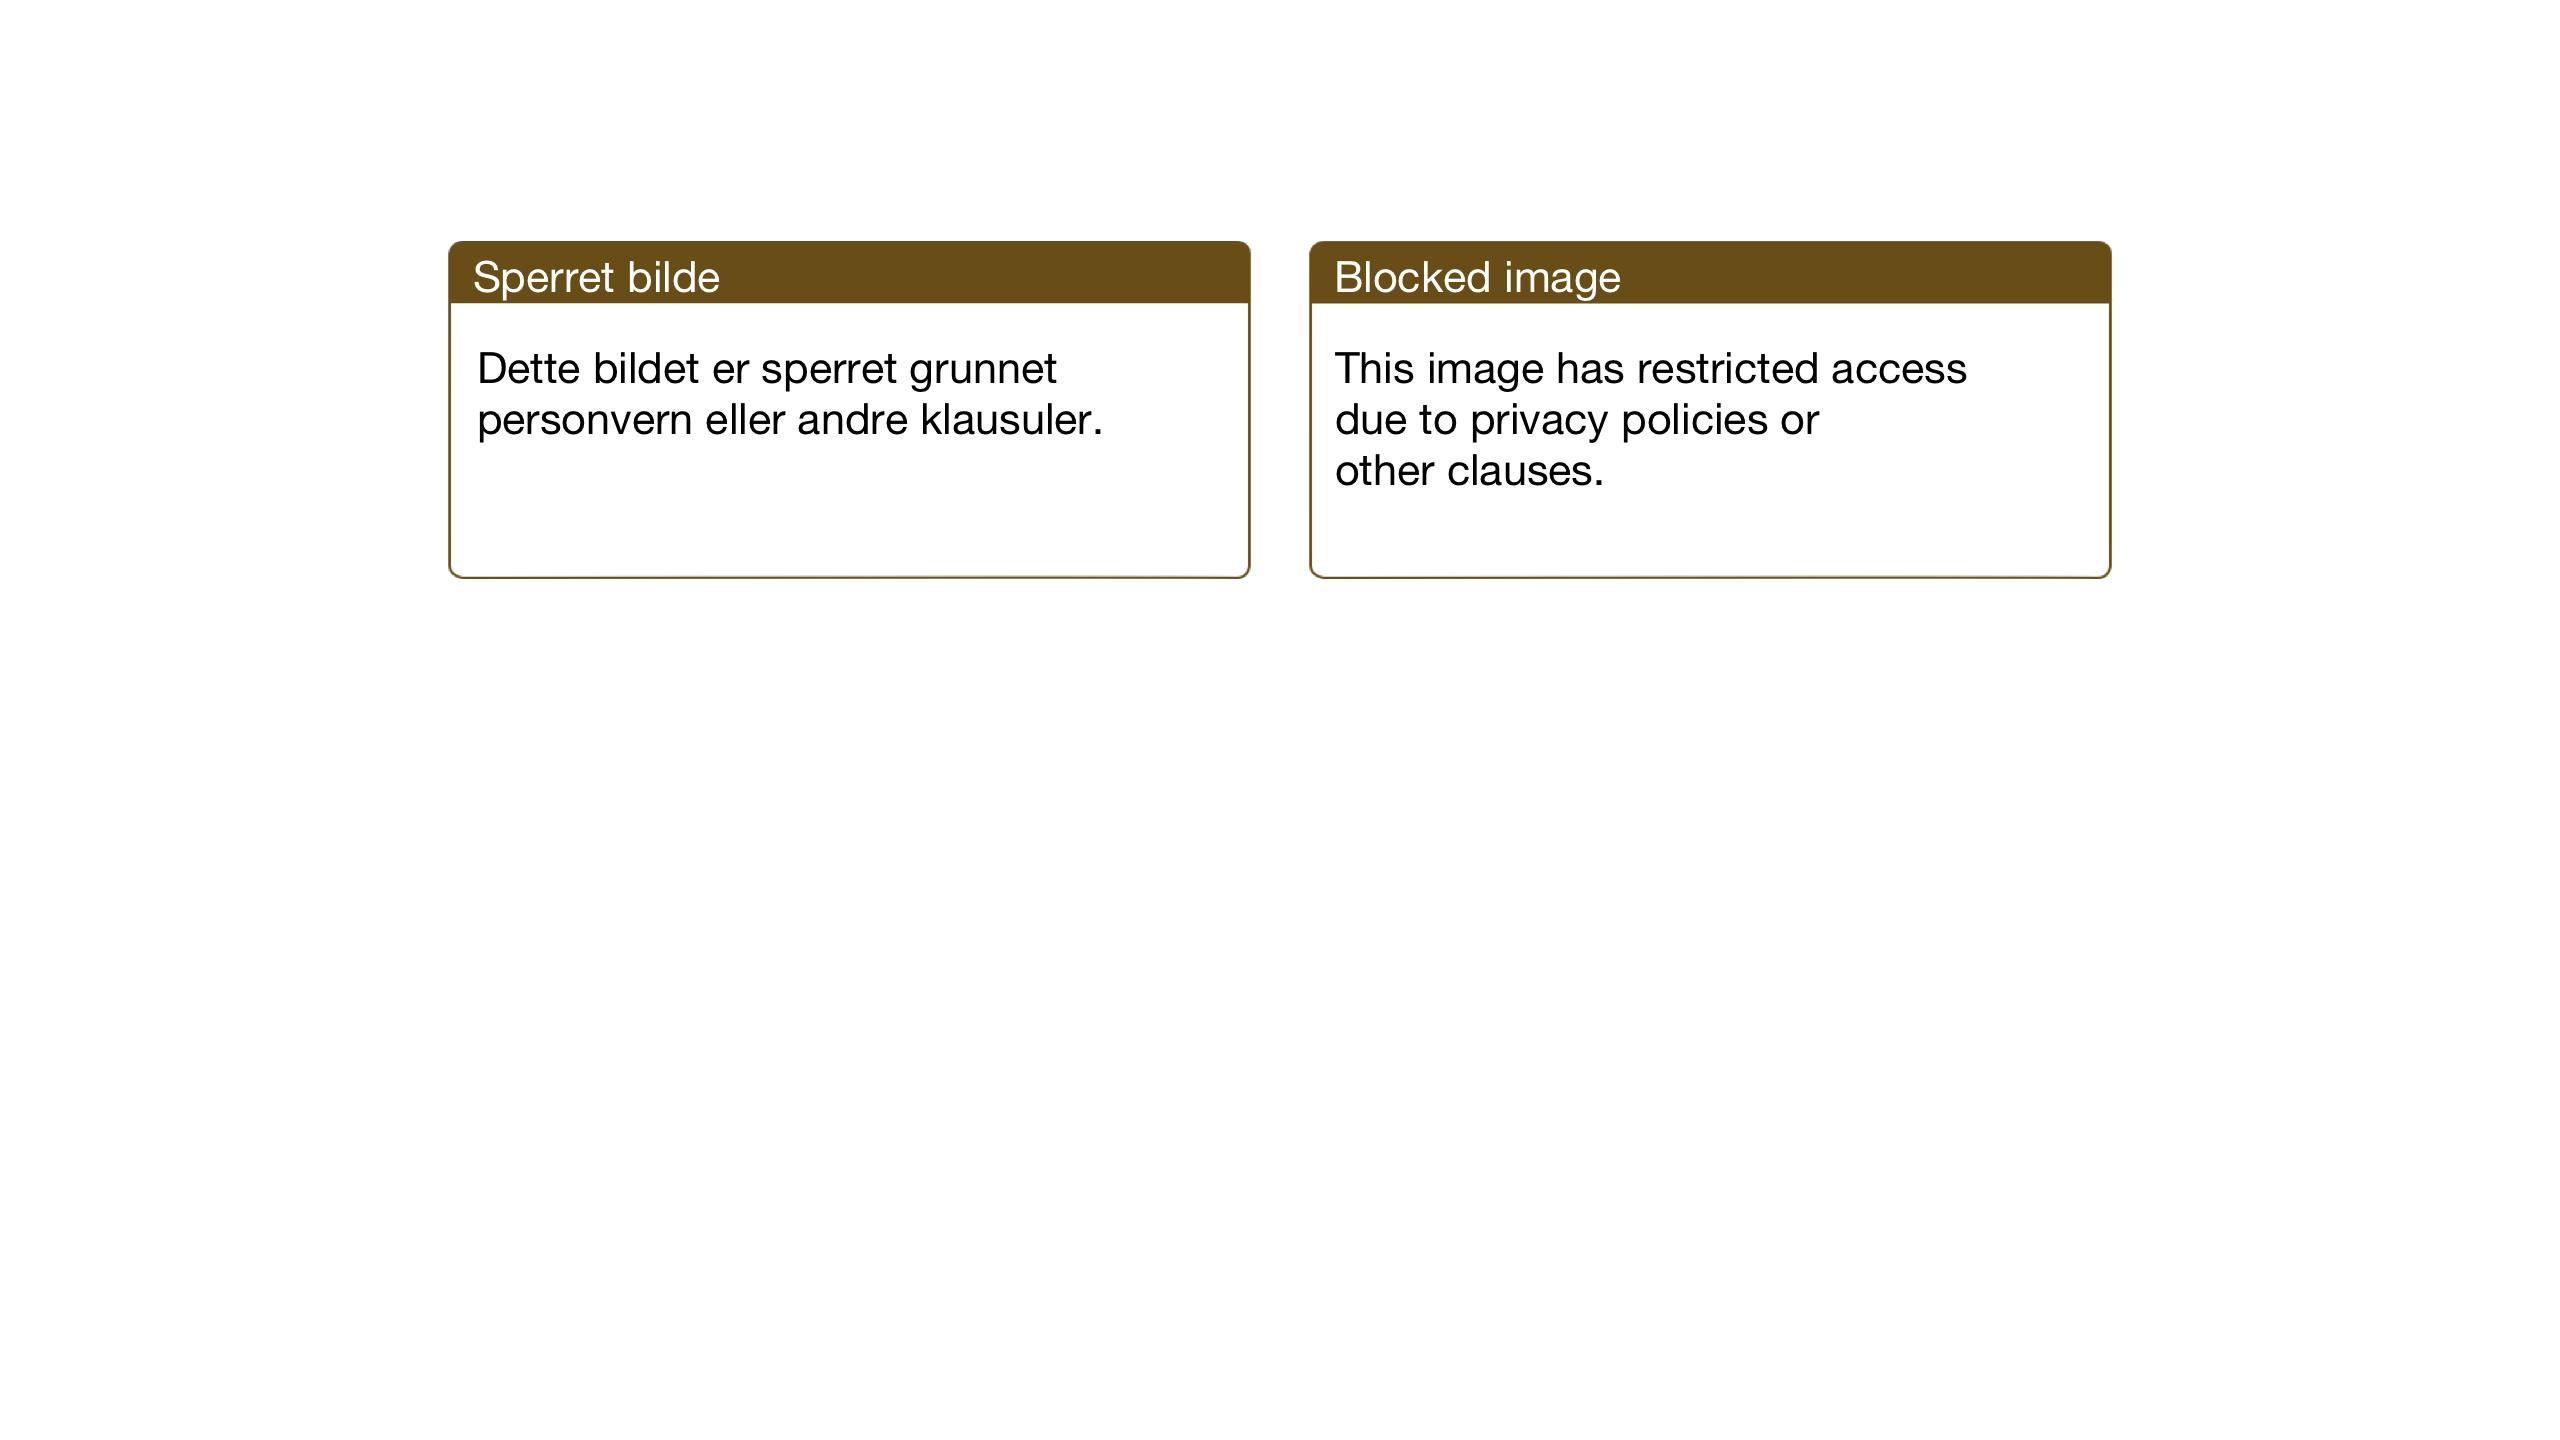 SAT, Ministerialprotokoller, klokkerbøker og fødselsregistre - Sør-Trøndelag, 689/L1045: Klokkerbok nr. 689C04, 1923-1940, s. 42